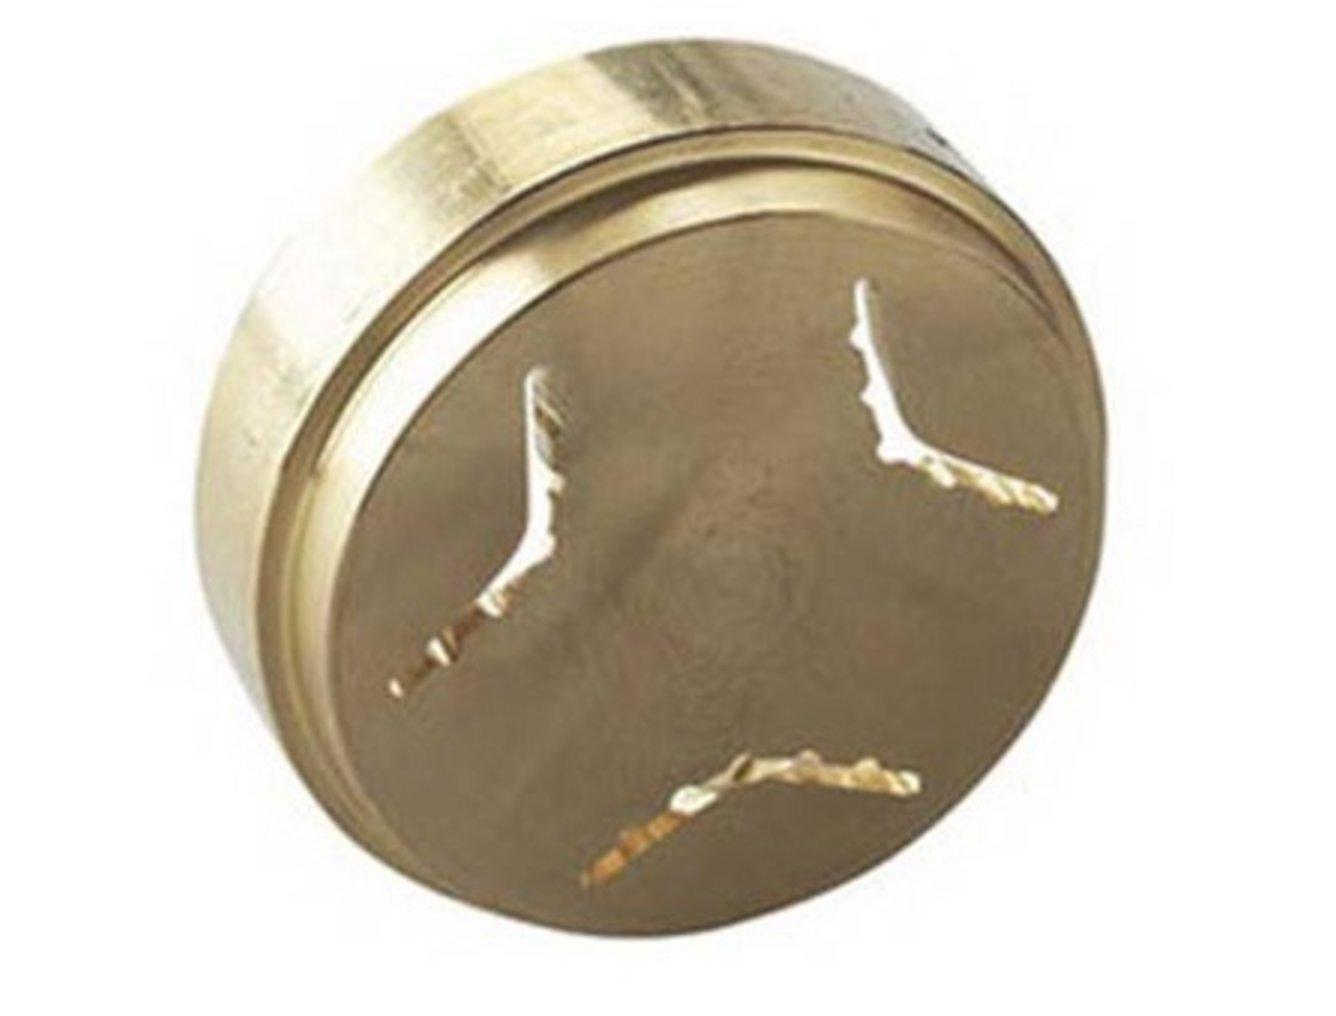 Trafila Conchigliette realizzata in Bronzo opzionale Torchio Pasta per Planetarie e Cooking Chef/Major/kMix Kenwood CAREservice